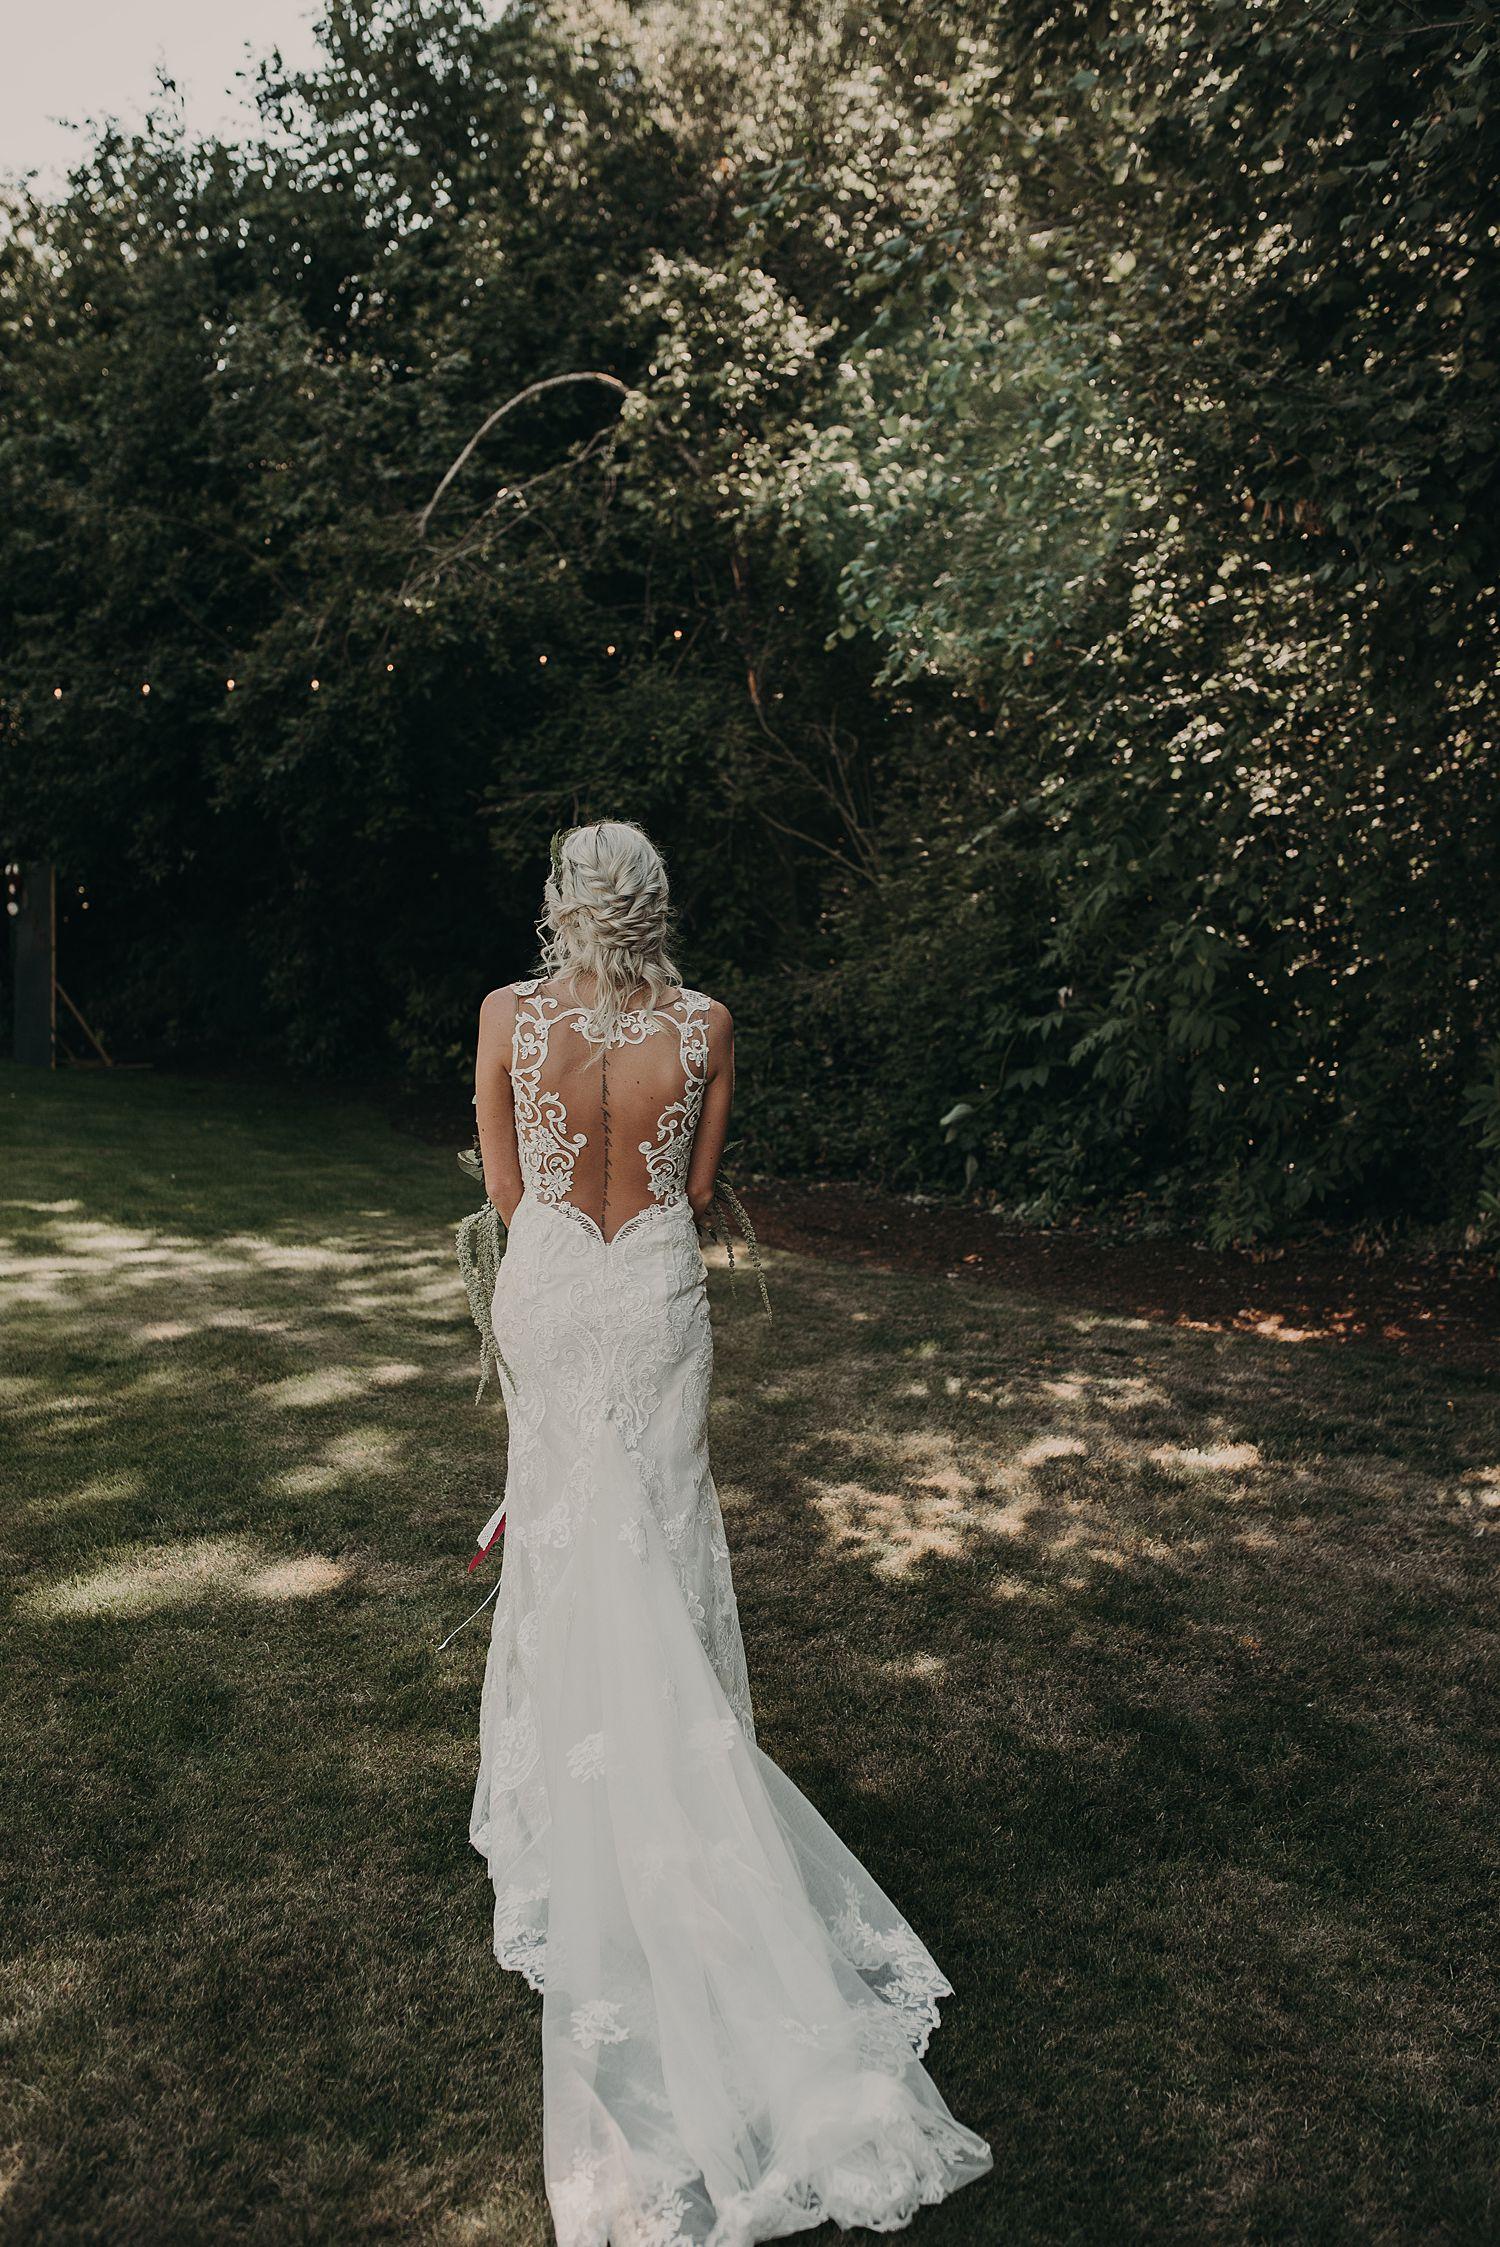 Genna-Dante-Washington-Wedding-July-14th_2018_0261.jpg